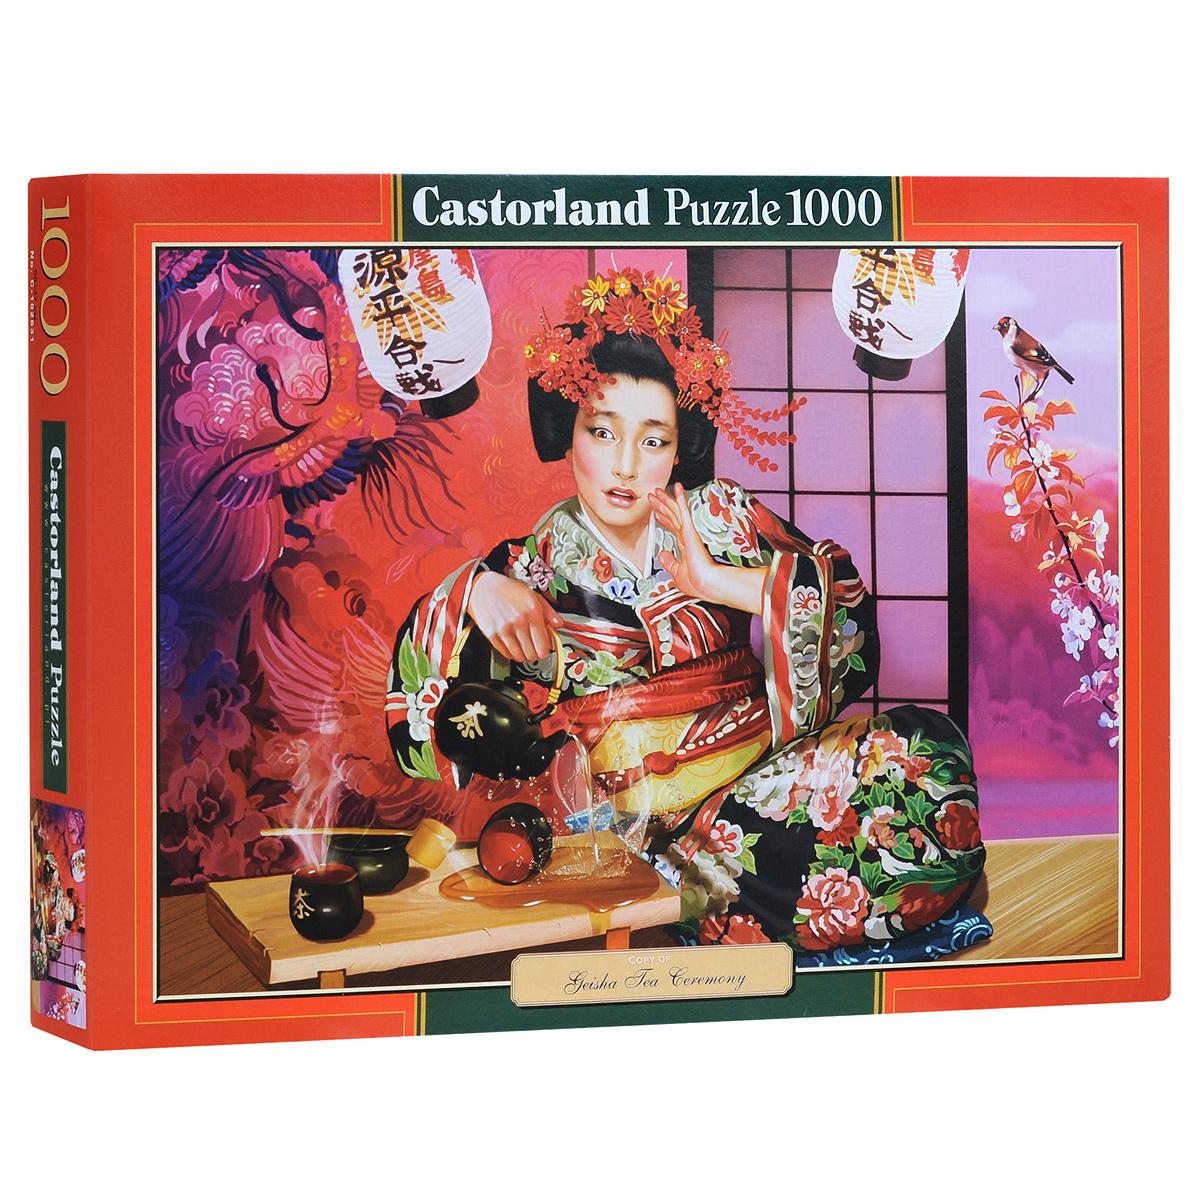 Гейша на чайной церемонии (Geisha Tea Ceremony). Пазл, 1000 элементовС-102631Пазл Гейша на чайной церемонии (Geisha Tea Ceremony) несомненно придется вам по душе. Собрав этот пазл, включающий в себя 1000 элементов, вы получите красочную картину с изображением гейши, пролившей чай. Пазл - великолепная игра для семейного досуга. Сегодня собирание пазлов стало особенно популярным, главным образом, благодаря своей многообразной тематике, способной удовлетворить самый взыскательный вкус. А для детей это не только интересно, но и полезно. Собирание пазла развивает мелкую моторику у ребенка, тренирует наблюдательность, логическое мышление, знакомит с окружающим миром, с цветом и разнообразными формами.